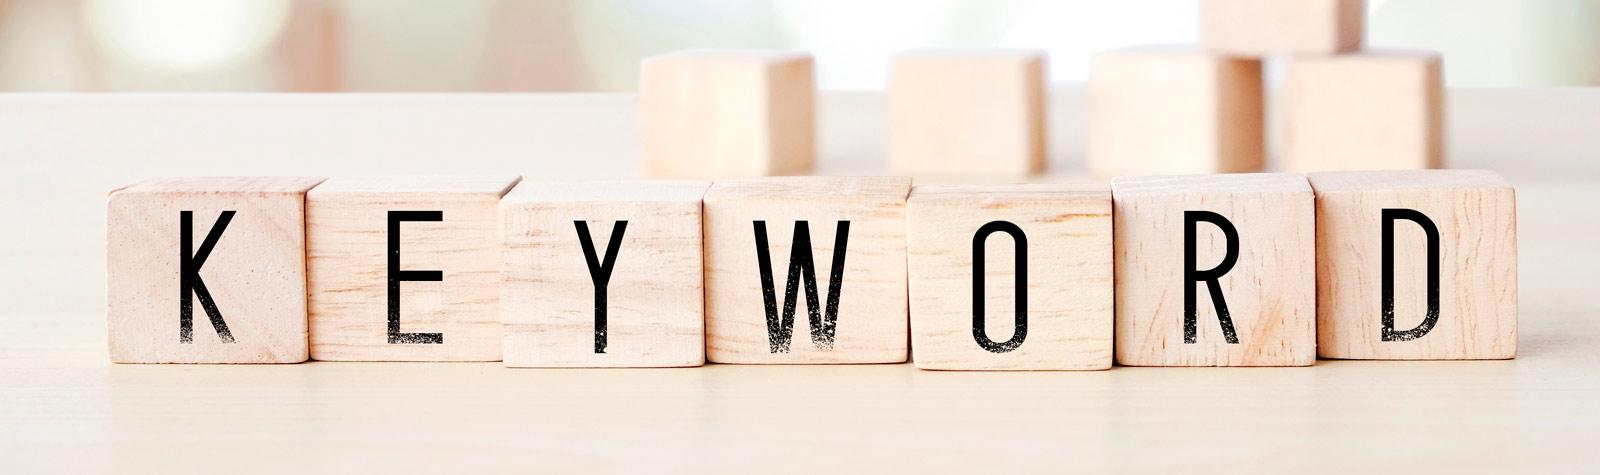 Cómo hacer un Keyword Research Moderno, Creativo y Artesanal